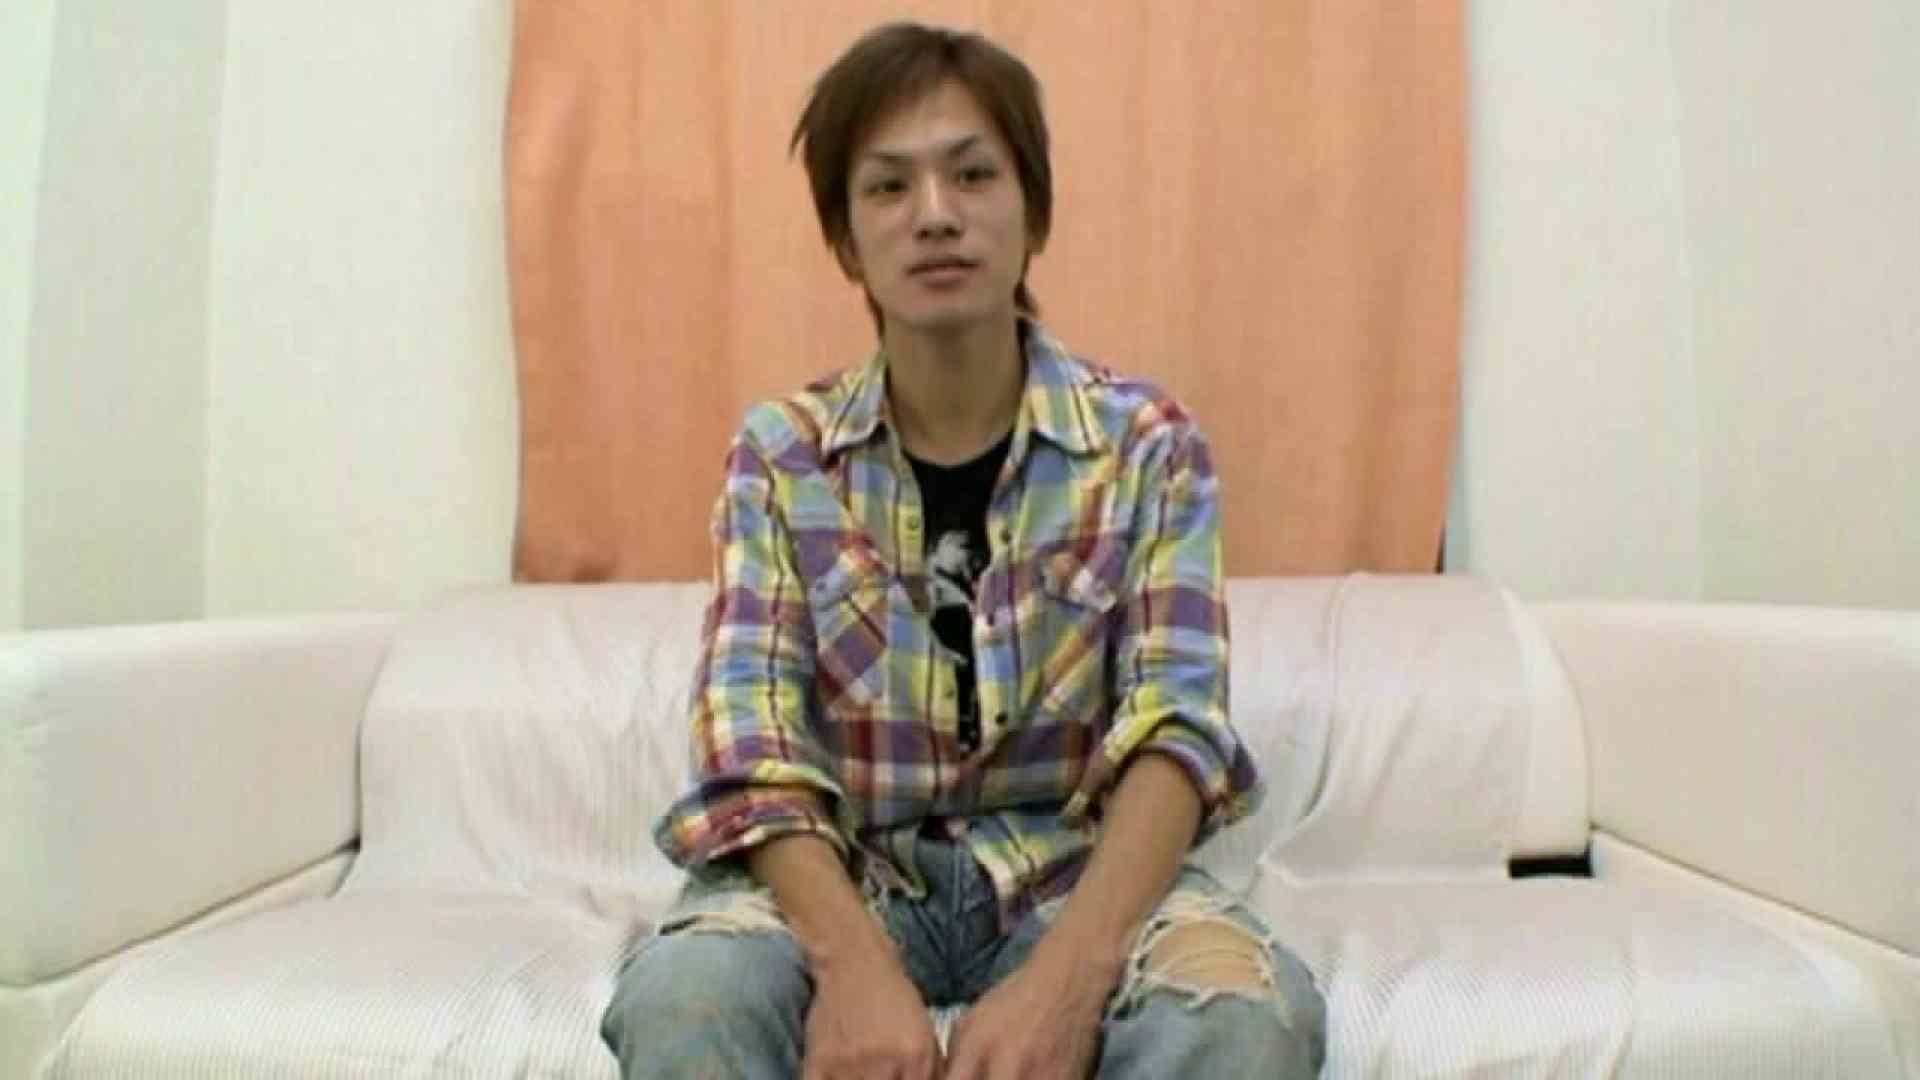 ノンケ!自慰スタジオ No.03 男どうし ゲイフリーエロ画像 58pic 28